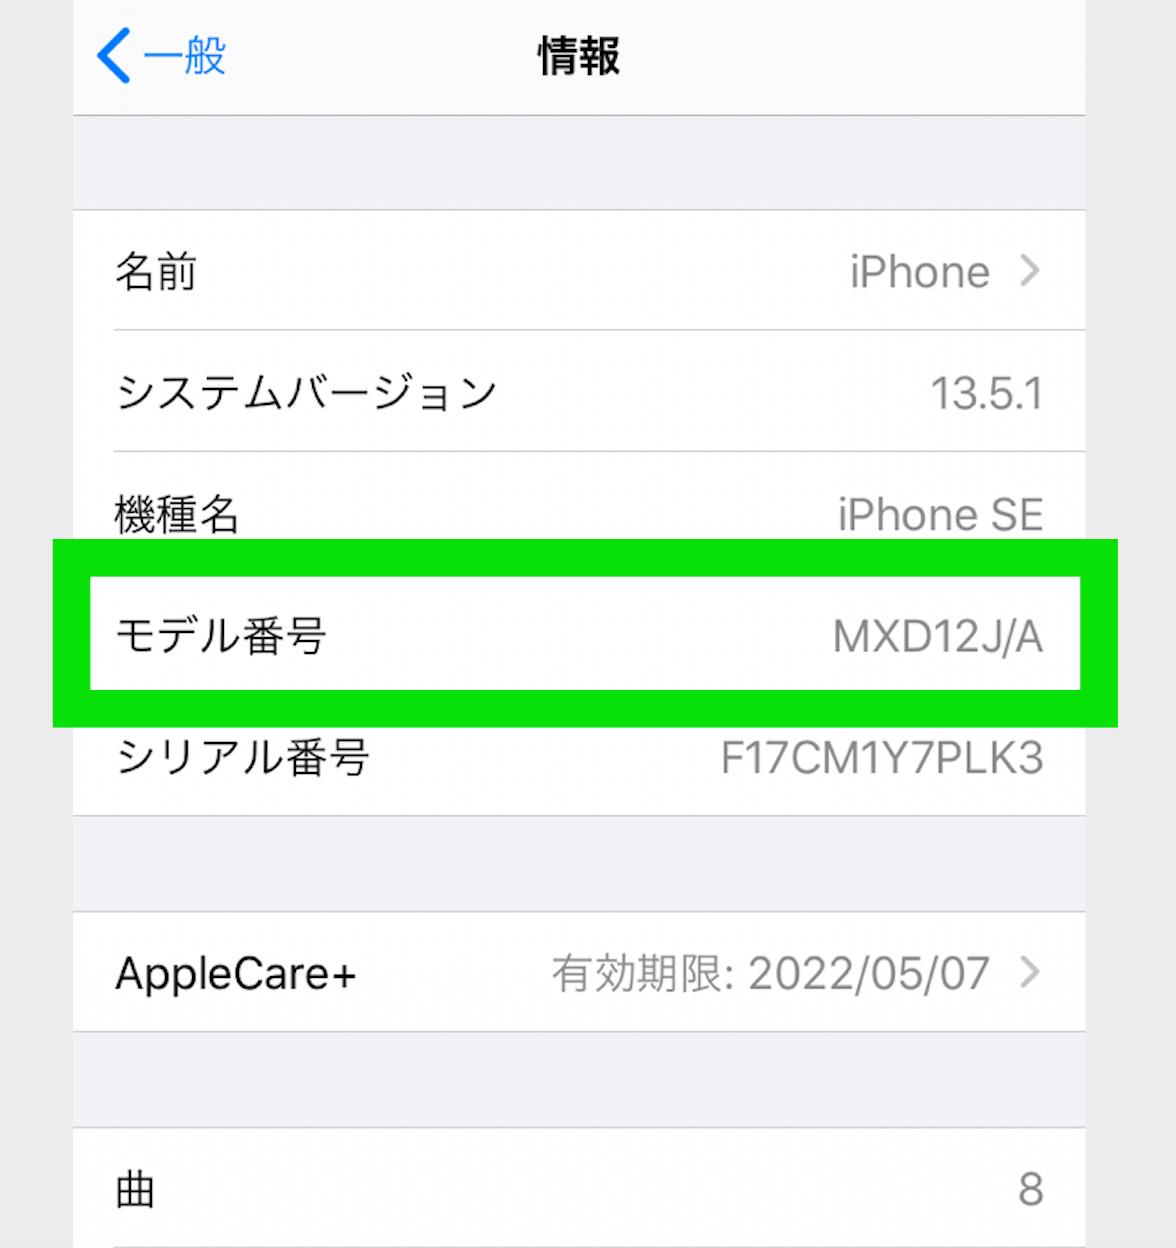 【豆知識】モデル番号からiPhone・iPad・iPodの機種種類と交換品かどうかの確認できる!